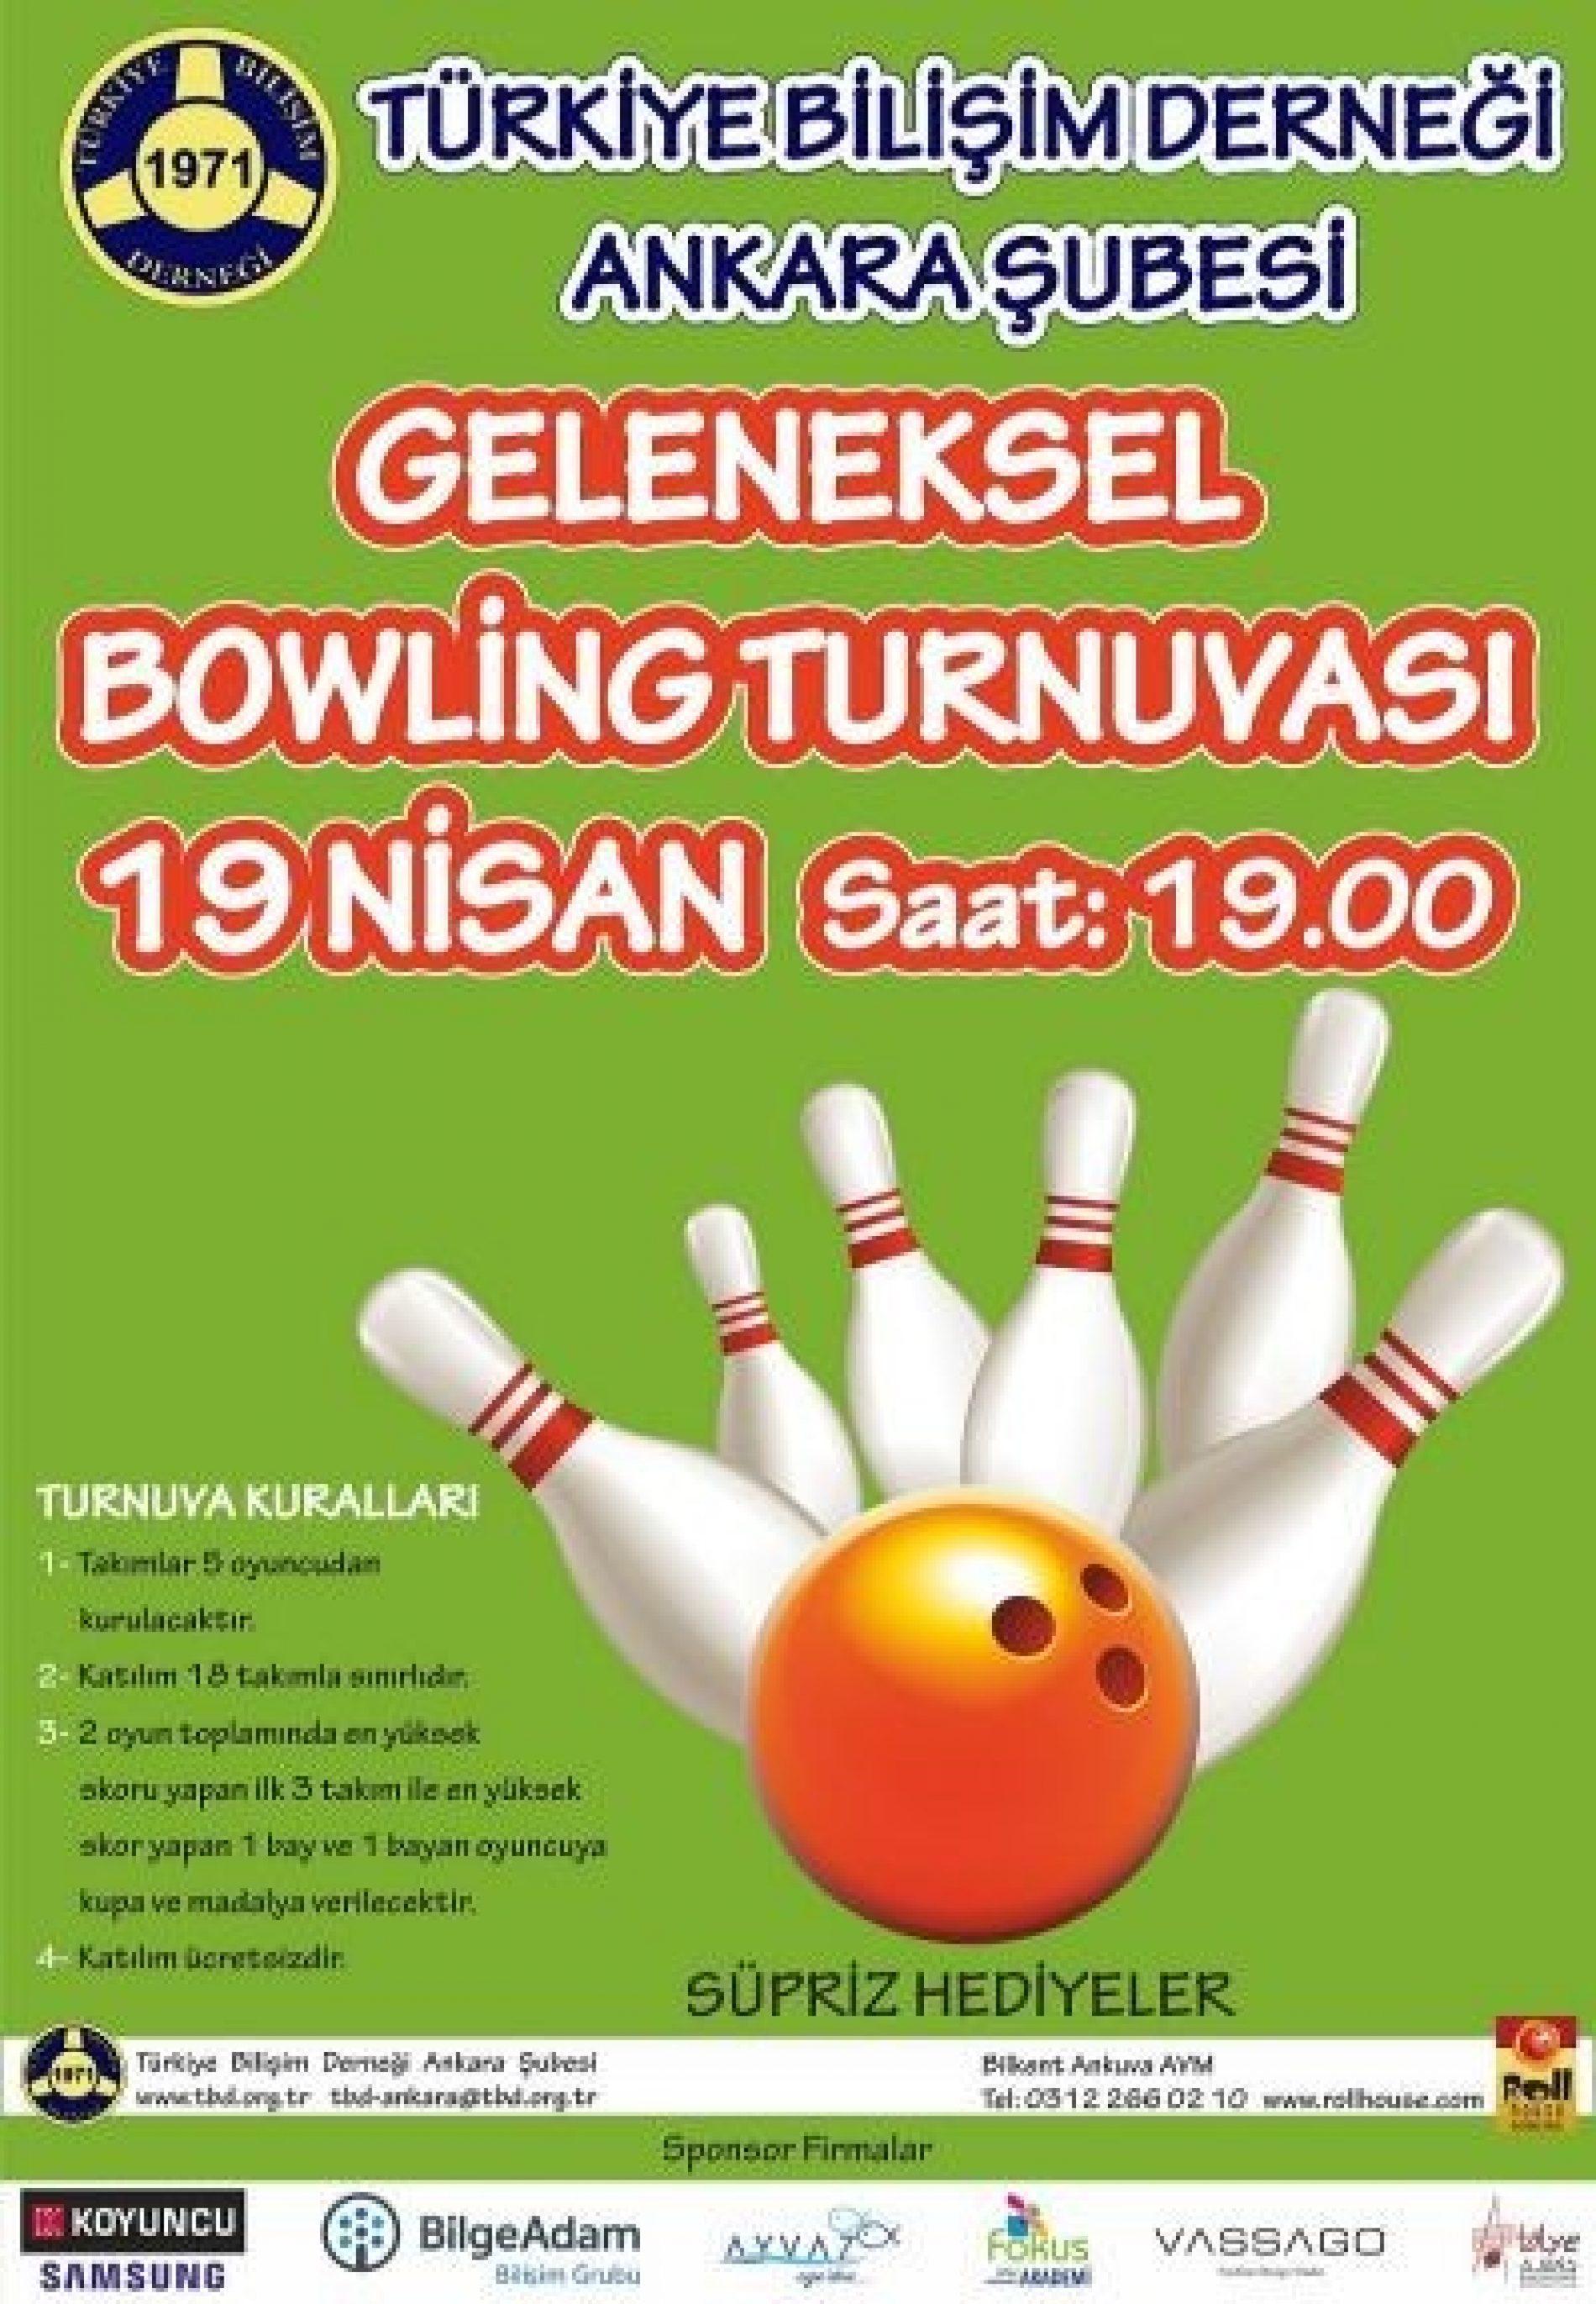 3. Geleneksel Bowling Turnuvası yapıldı